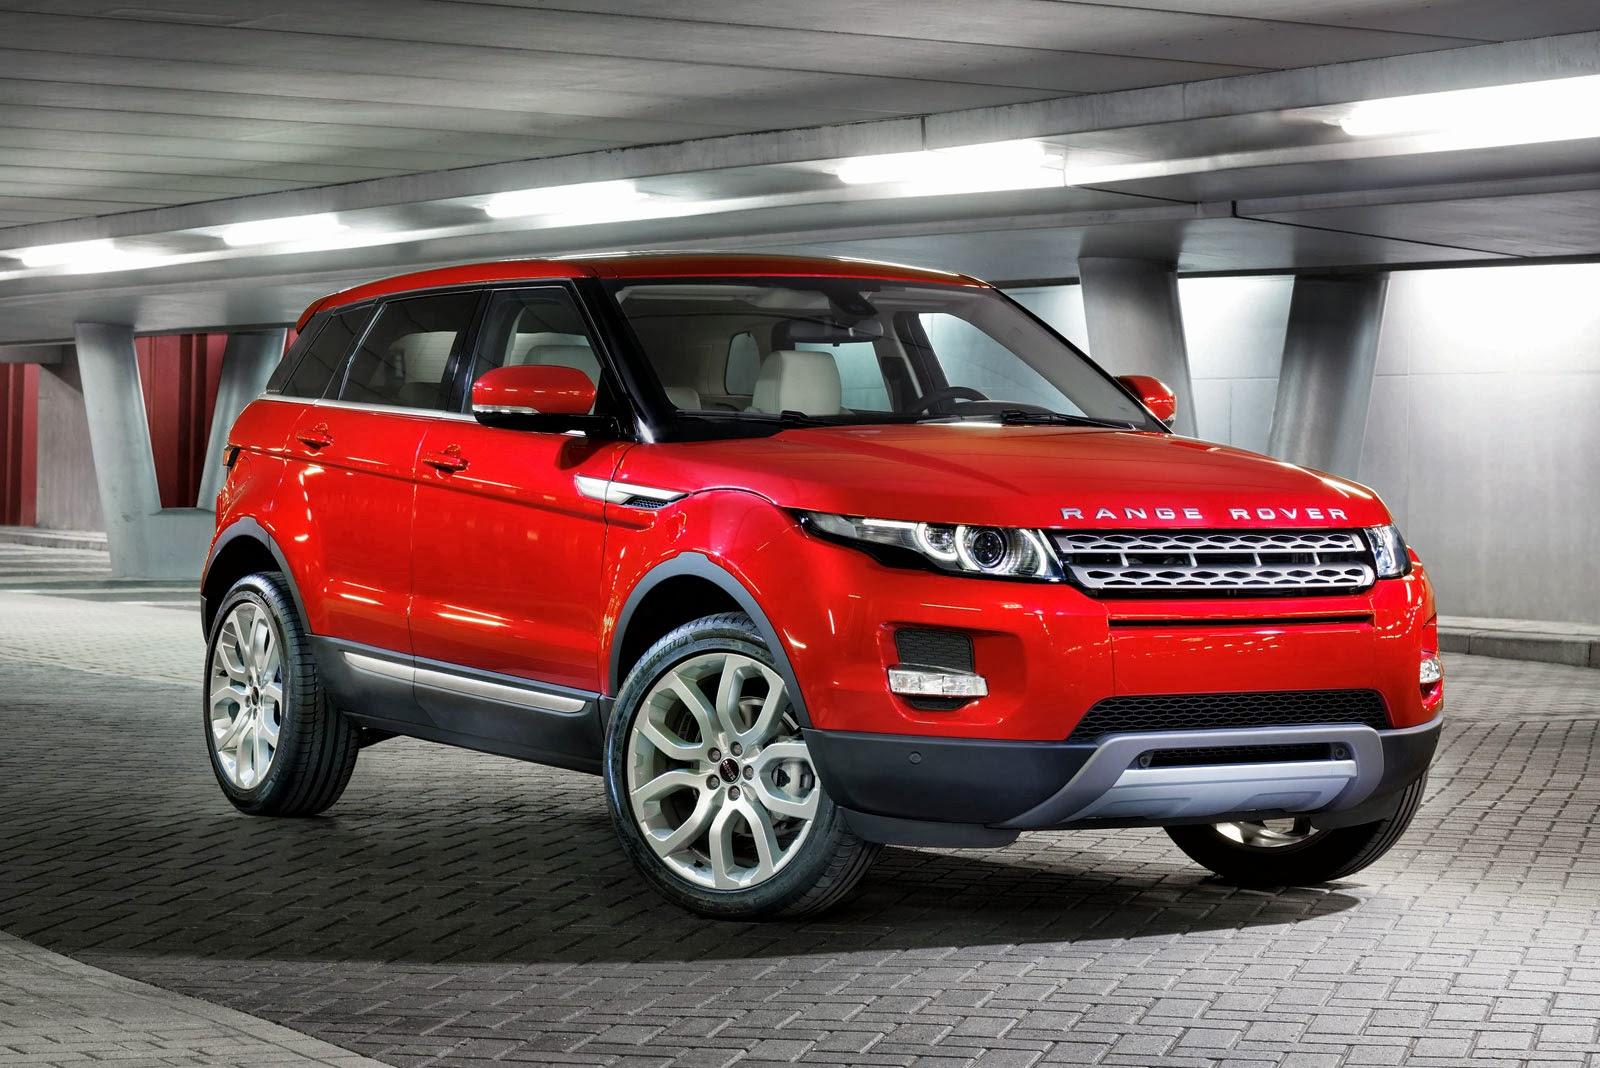 Baixar Imagem: LAND ROVER - Range Rover Evoque (Seleção)